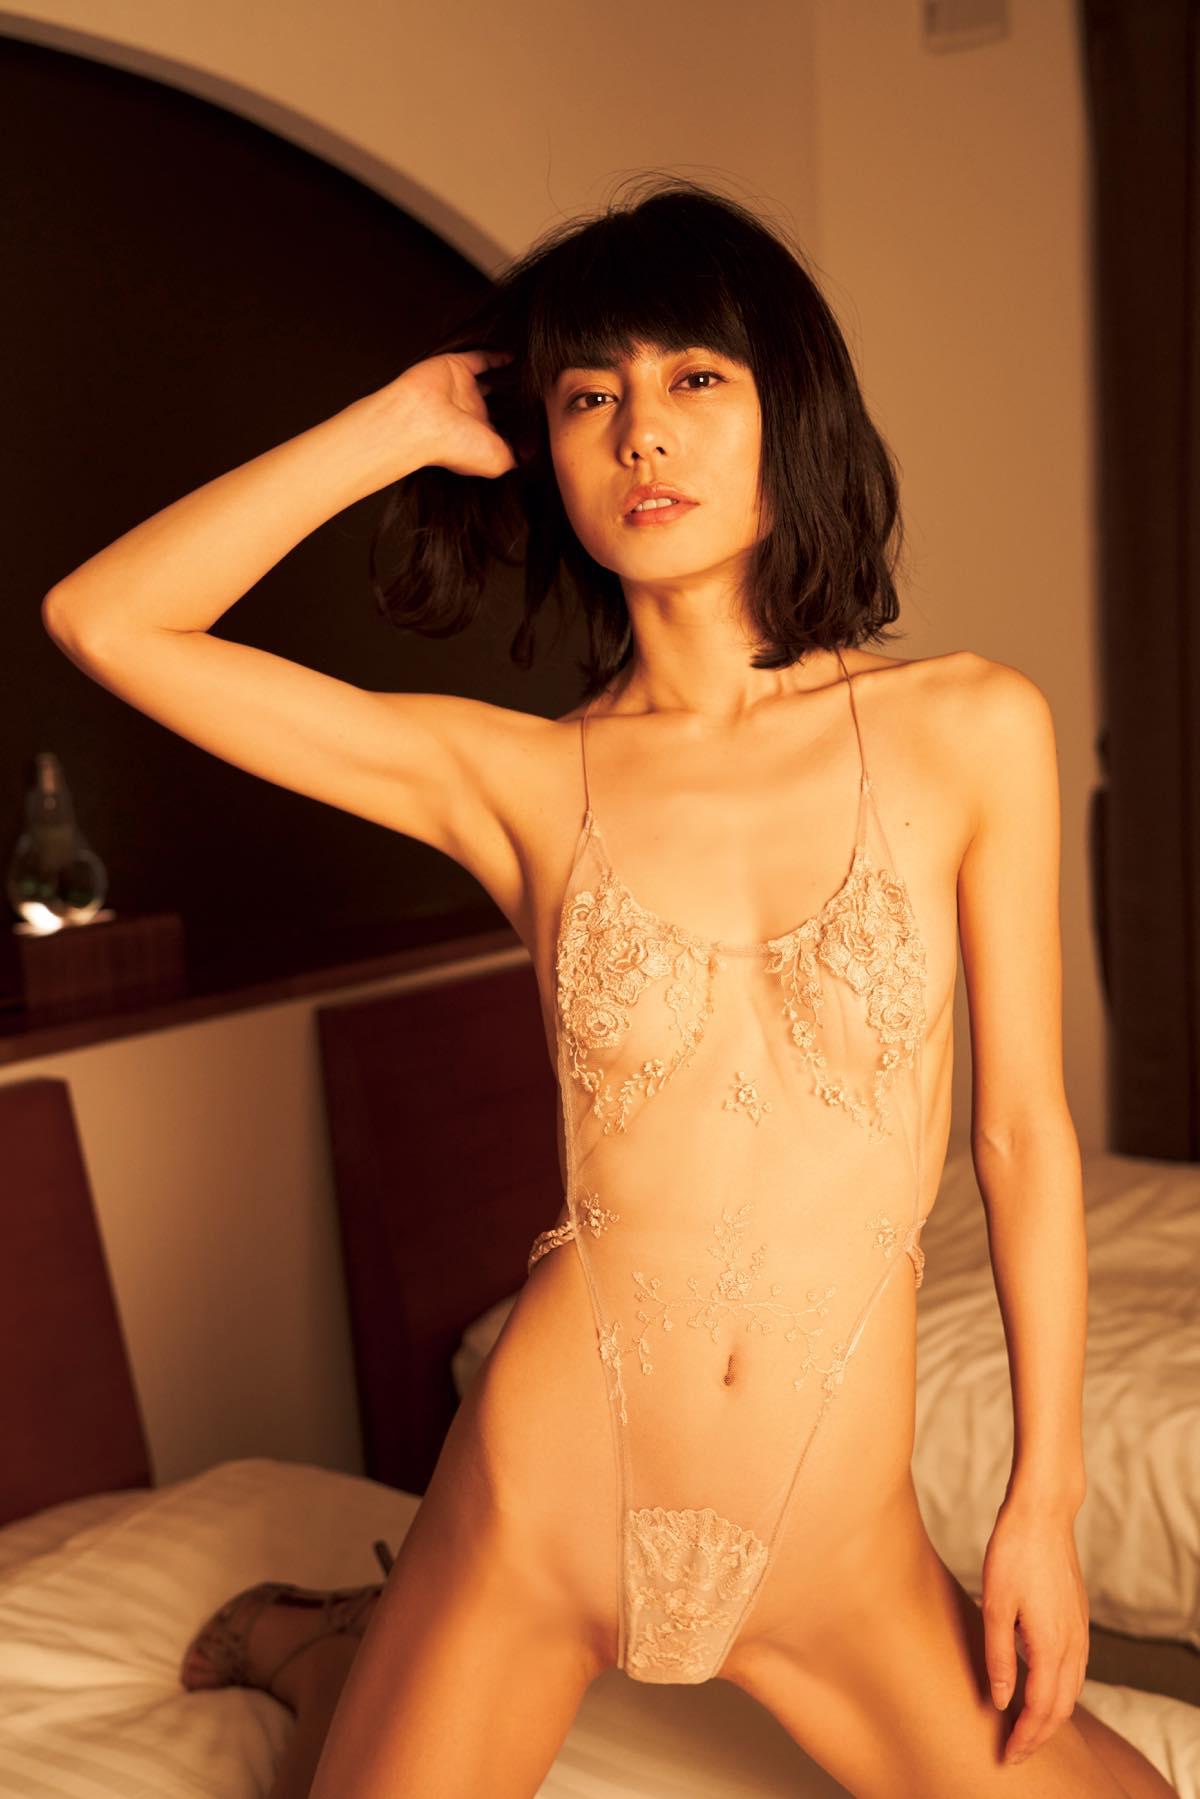 芳野友美「アラフォーの色気が満載」スレンダーな競泳水着姿007